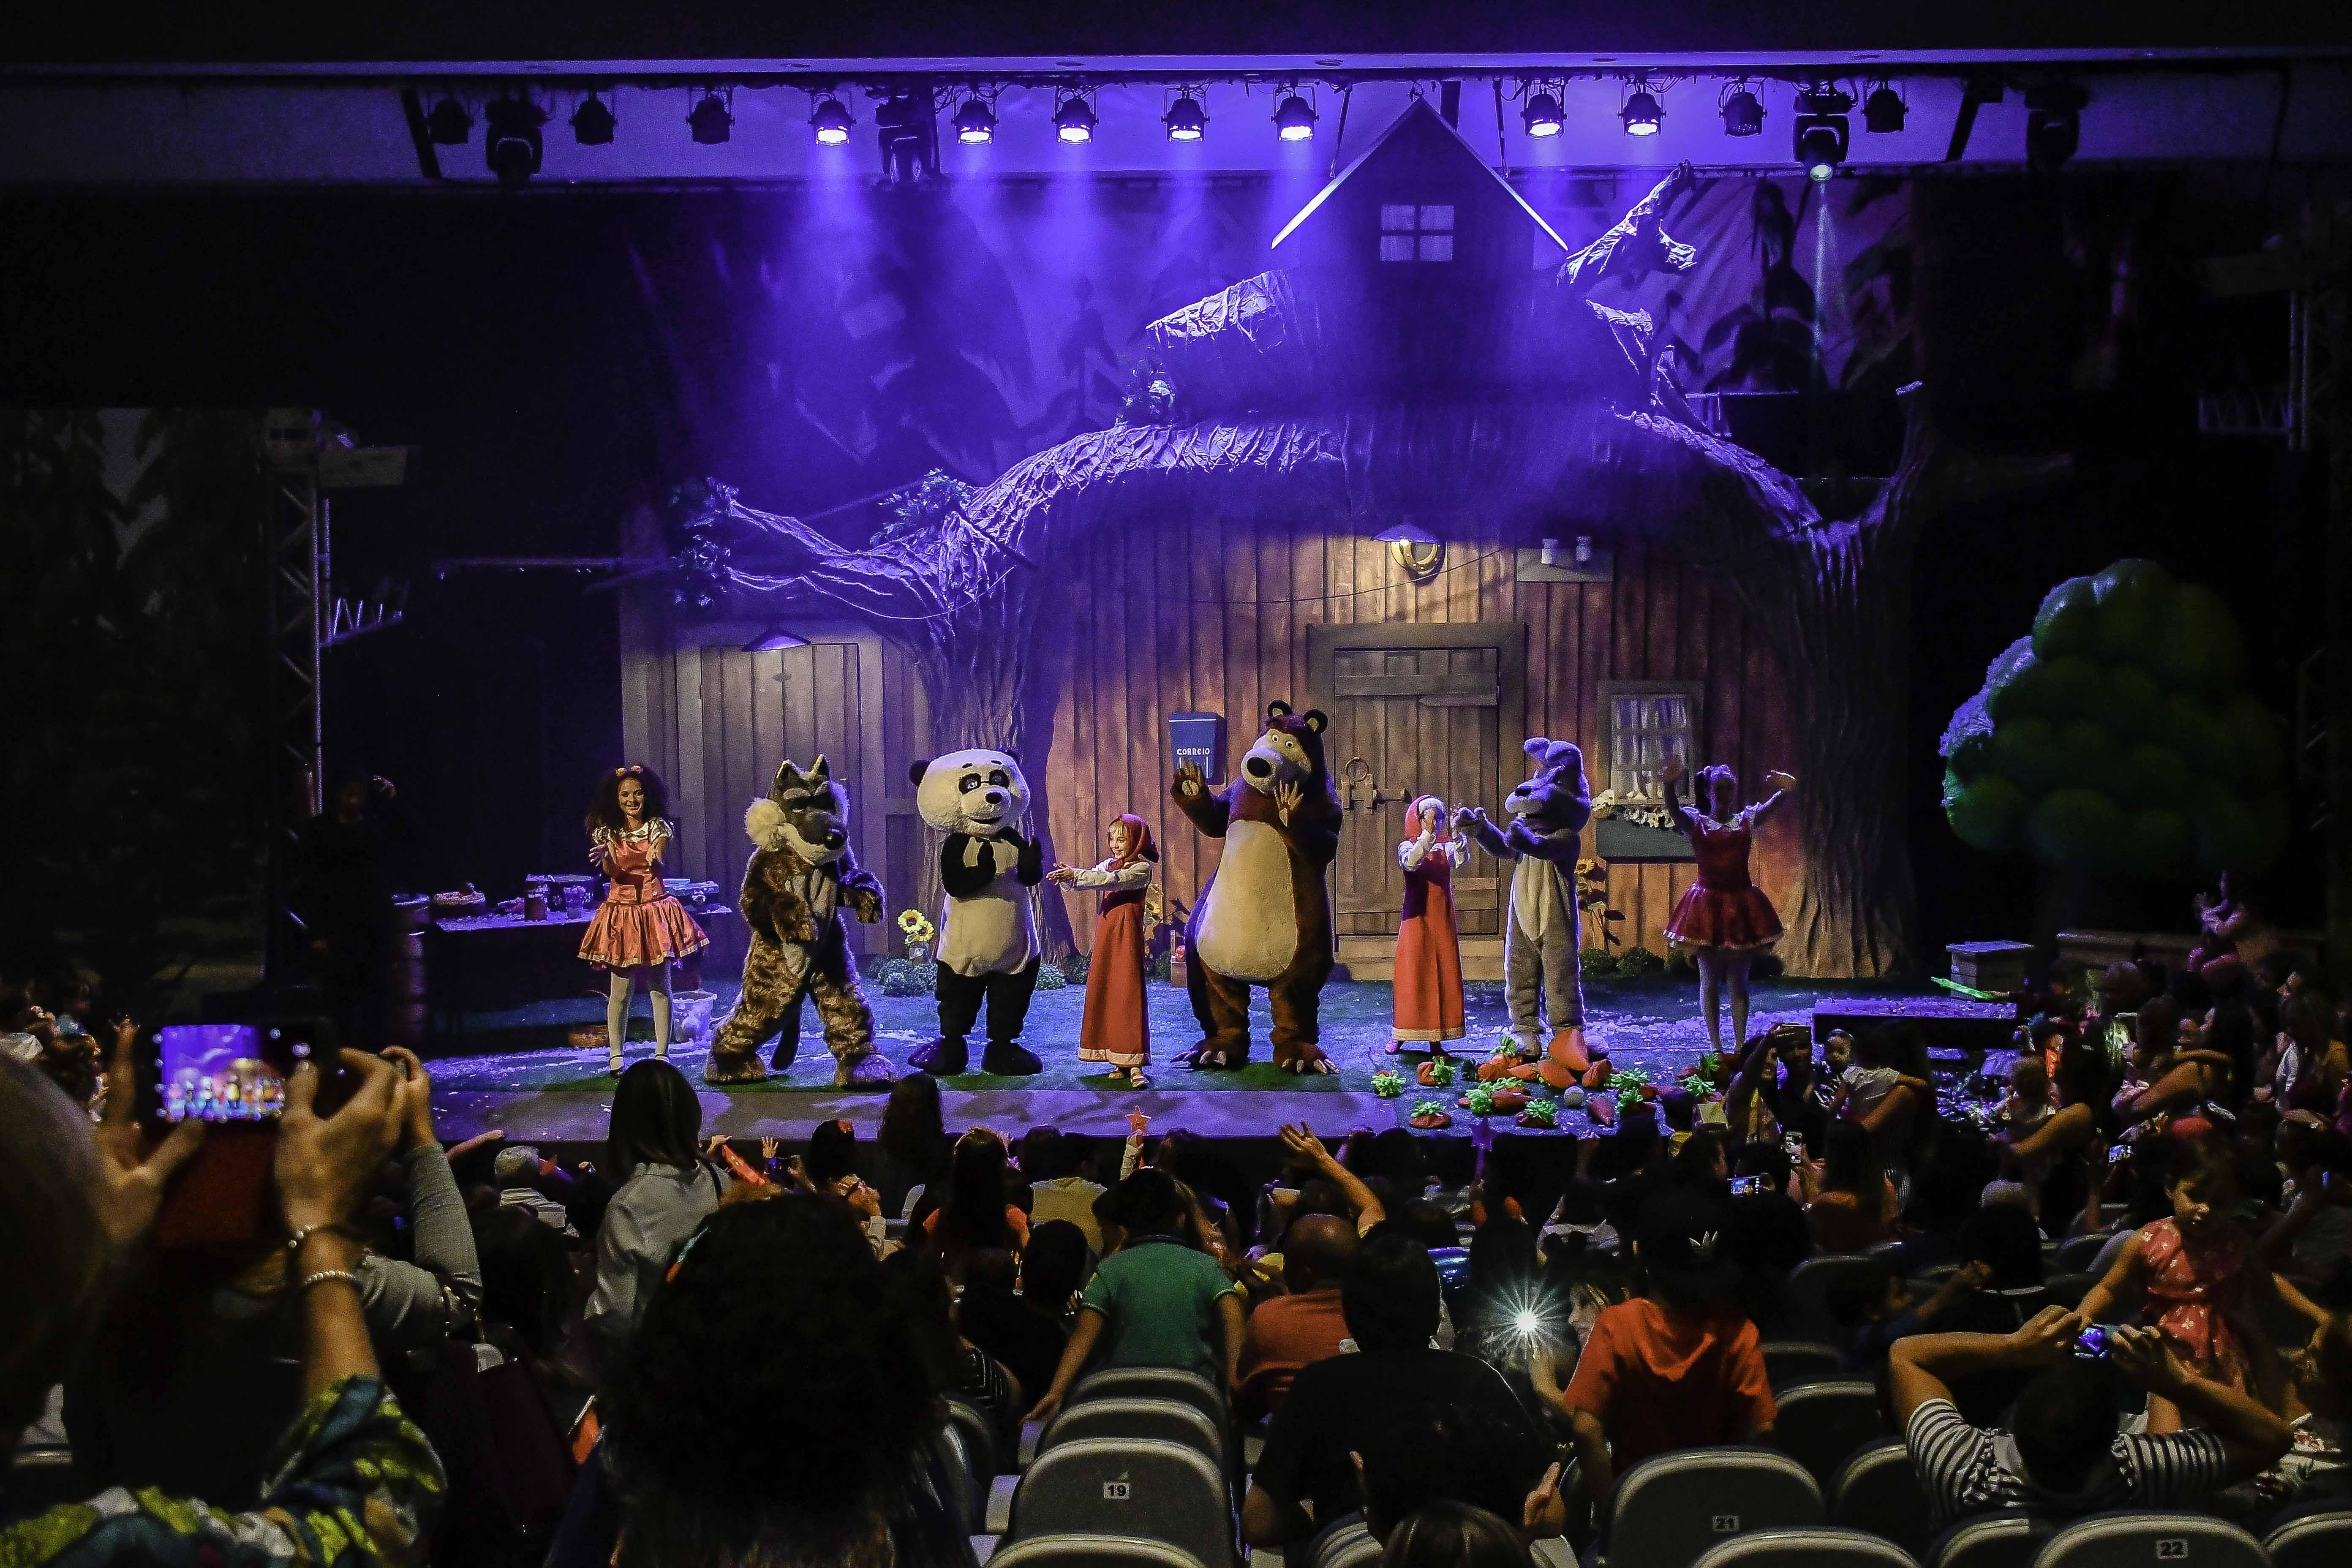 Espetáculo 'Masha e o Urso' chega a Goiânia neste domingo (09)